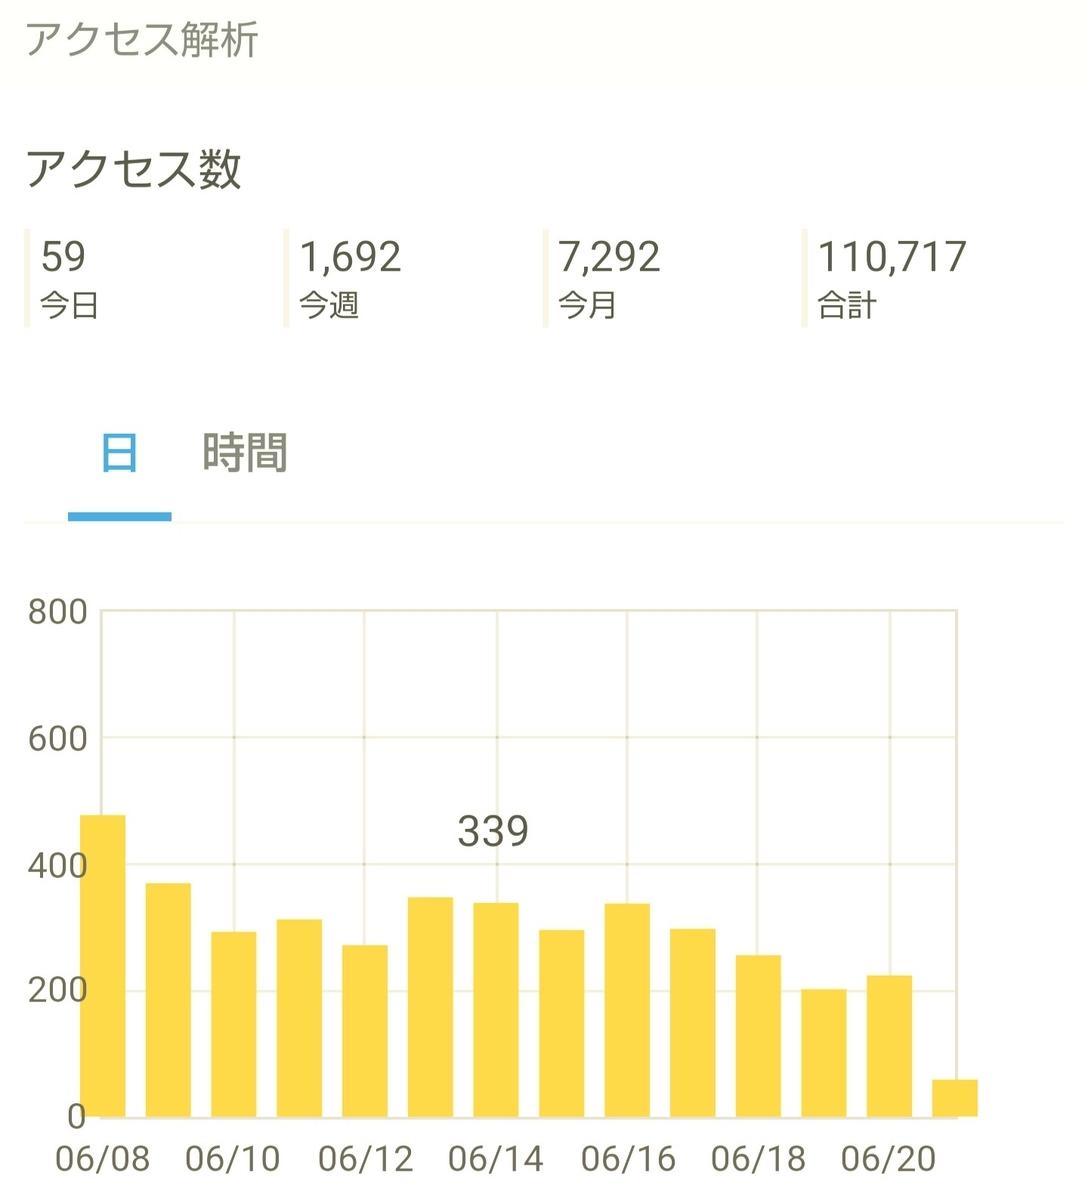 はてなブログ(無料版)2年目の成果報告である、13ヶ月目(55週目)のアクセス解析